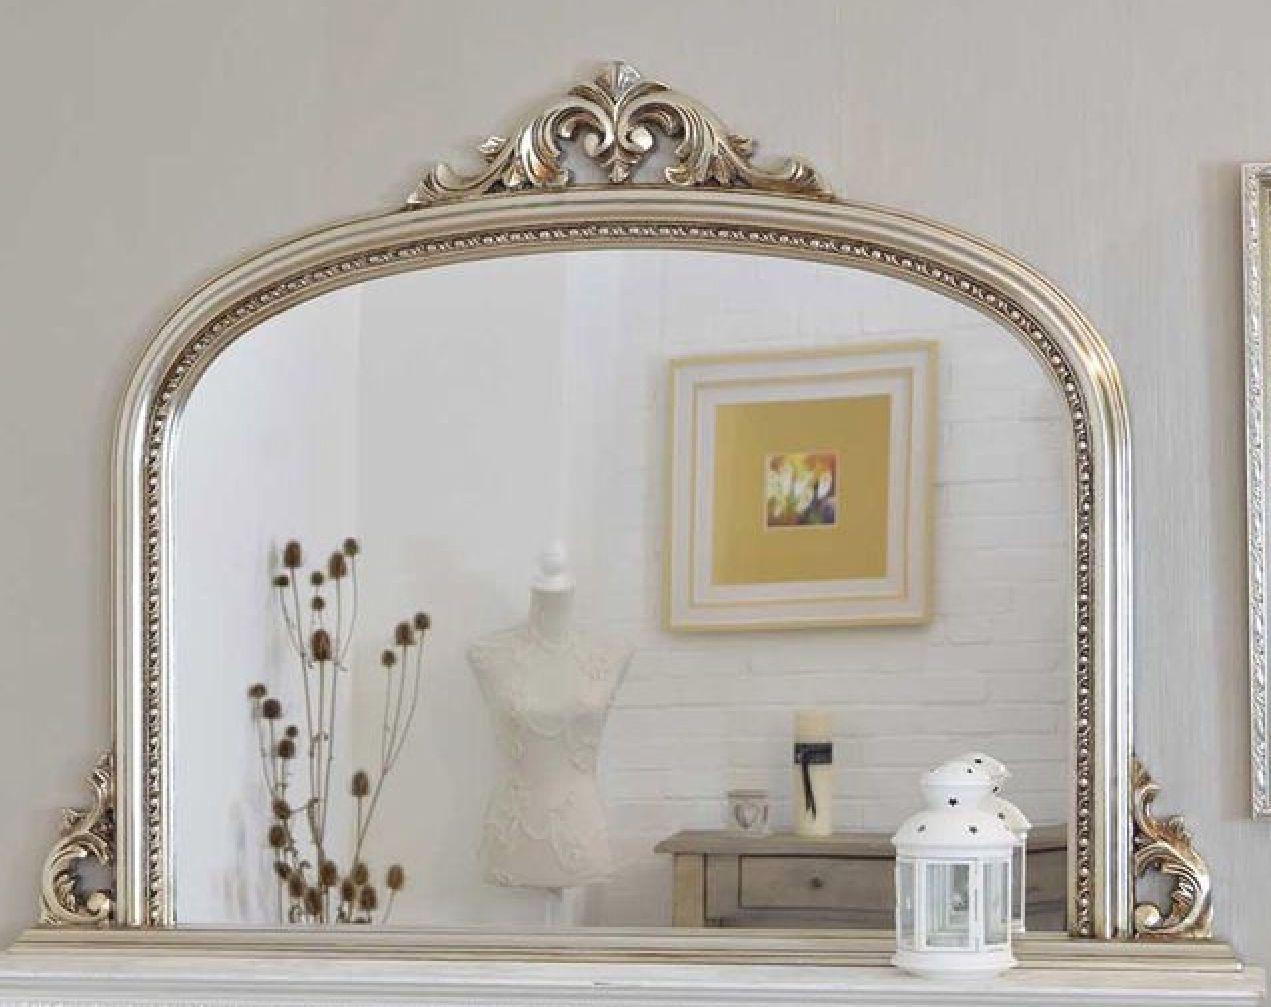 Silver overmantle mirror mooie zilveren schouwspiegel http for Overmantle mirror